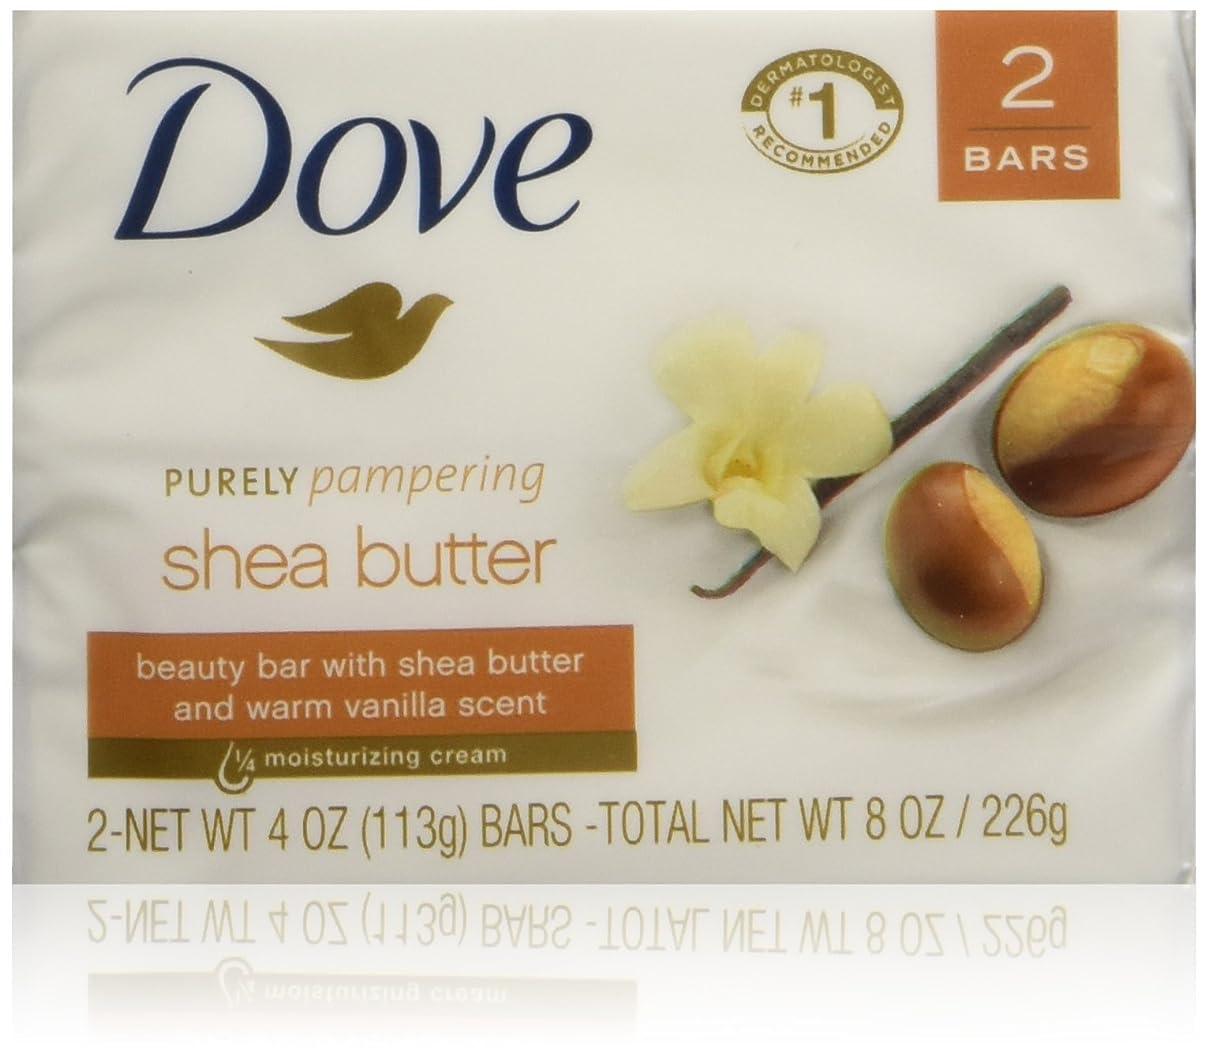 不可能なトロリー法廷Dove Nourishing Care Shea Butter Moisturizing Cream Beauty Bar 2-Count 120 g Soap by Dove